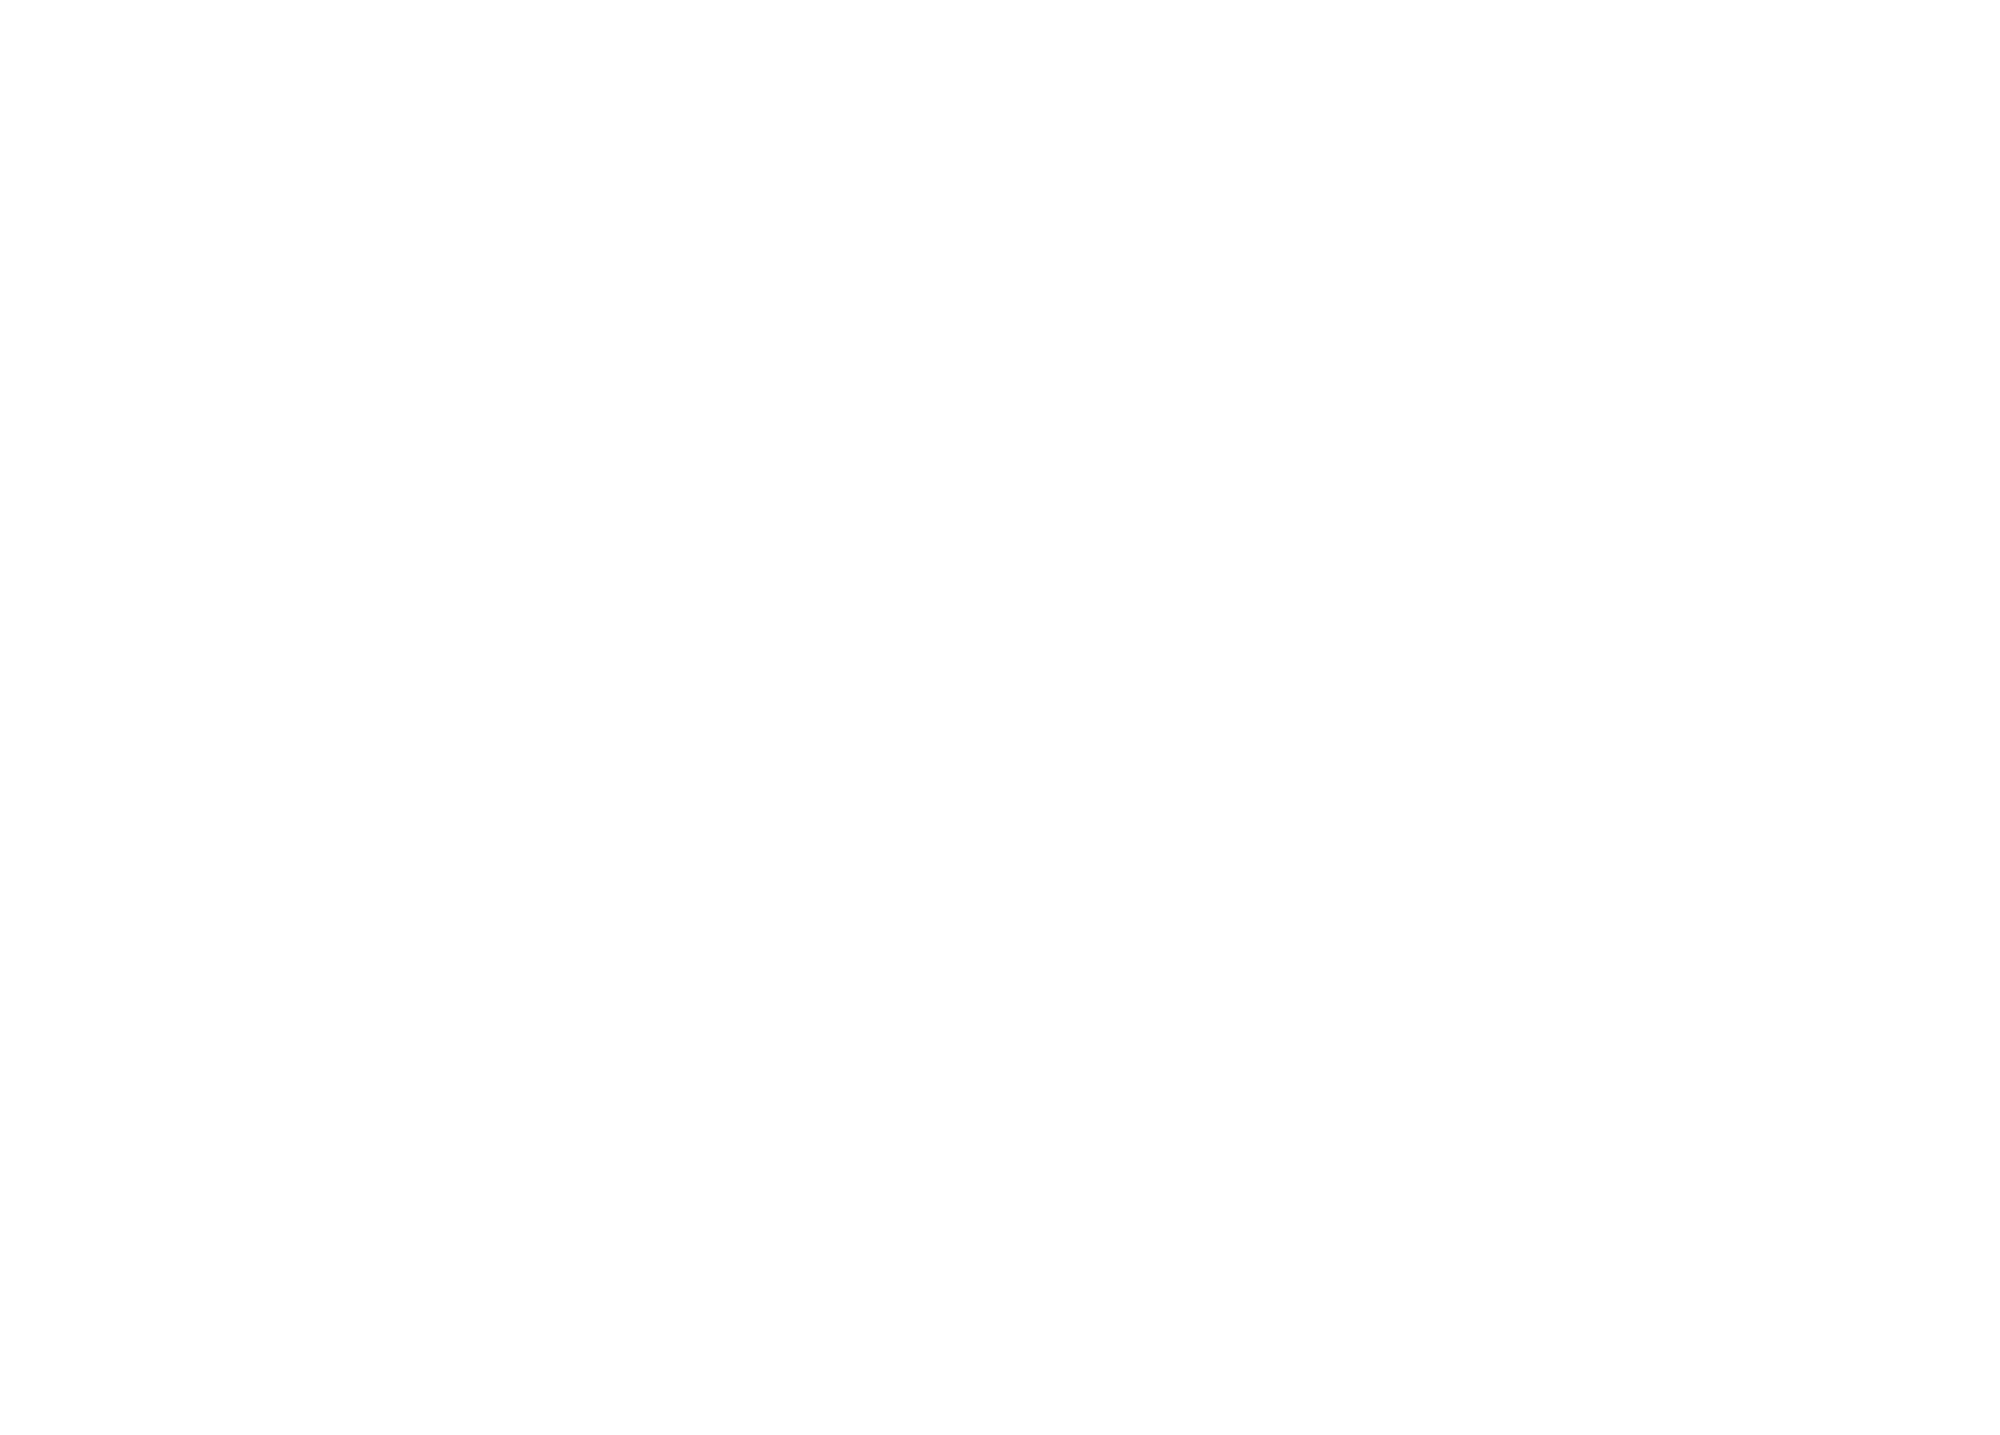 deliverylogo.png